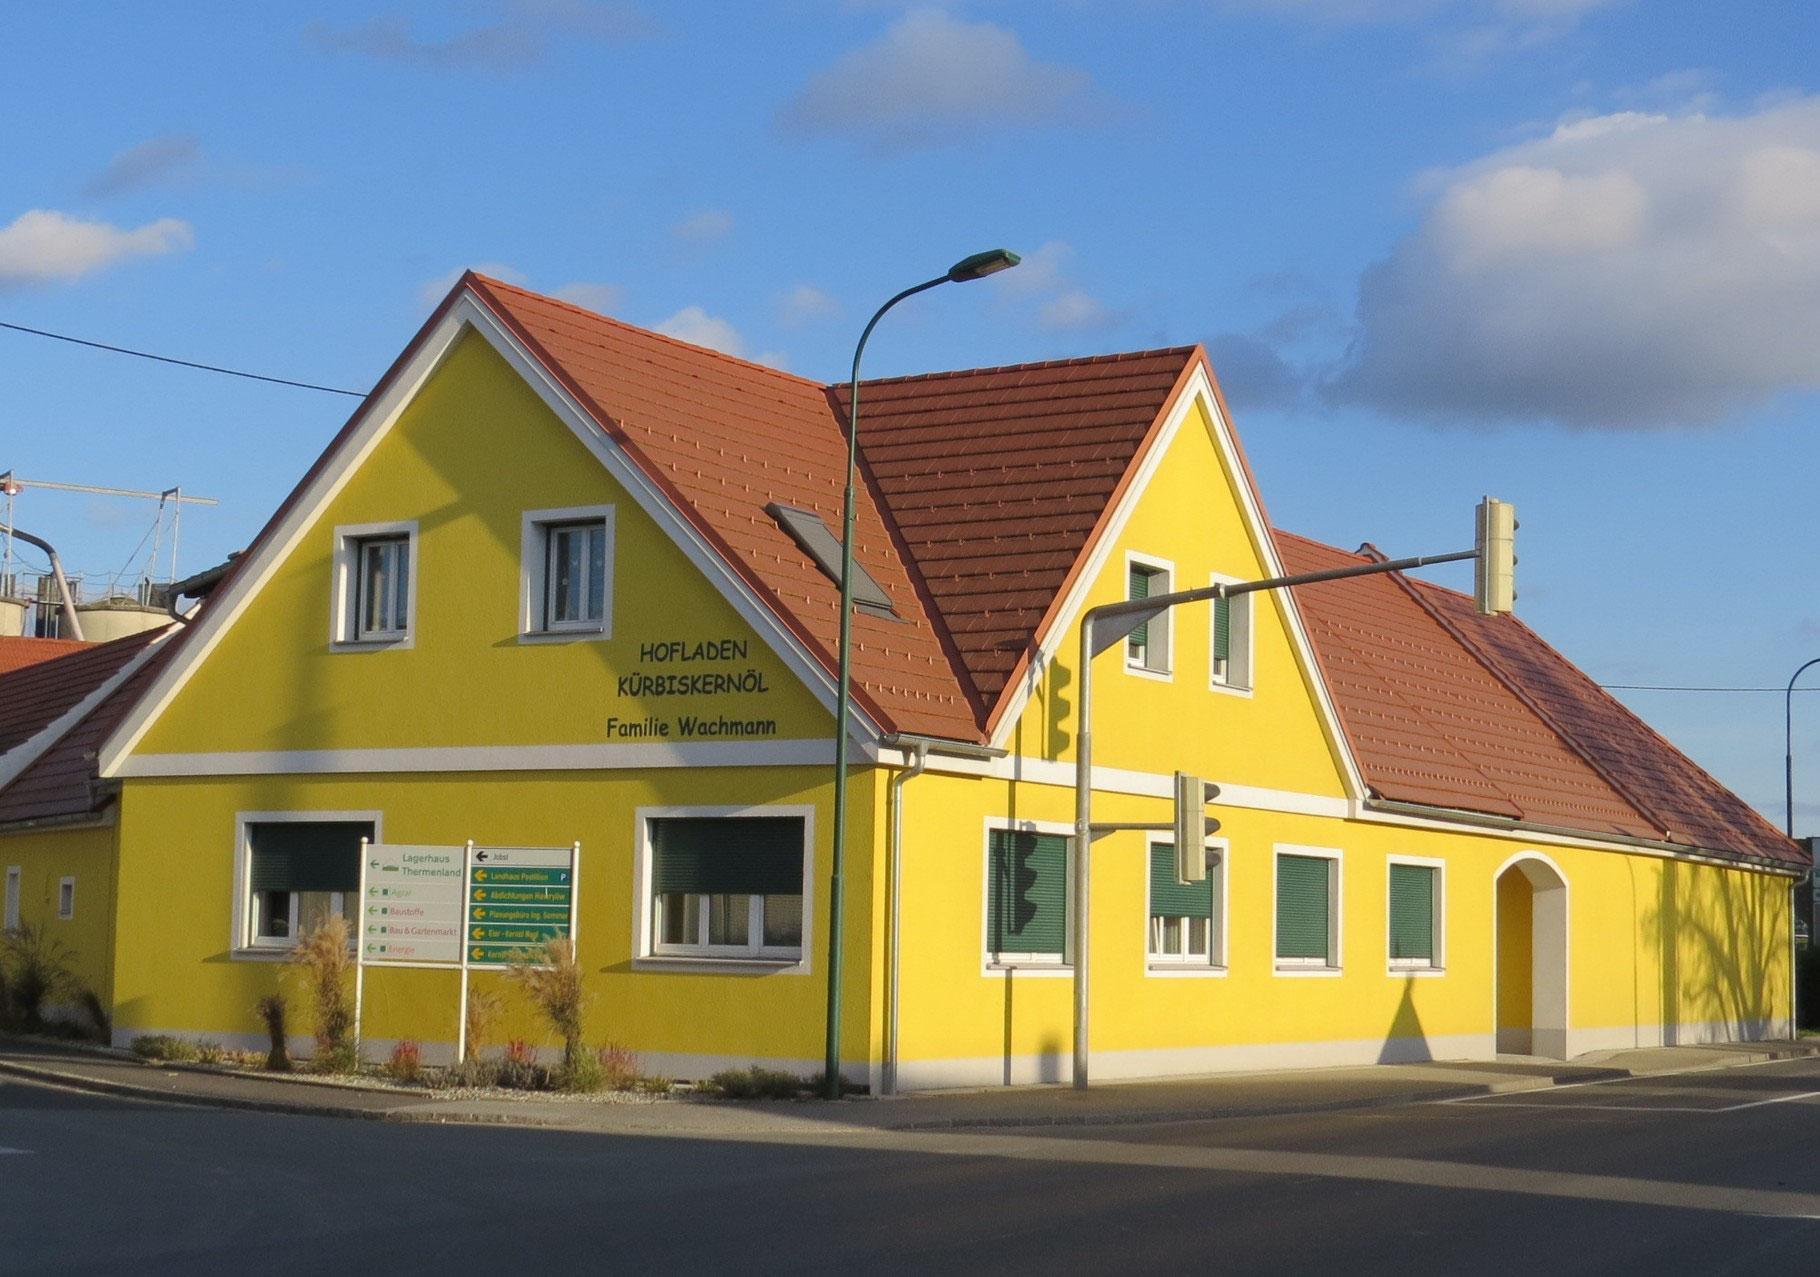 (c) Kuerbis-wachmann.at